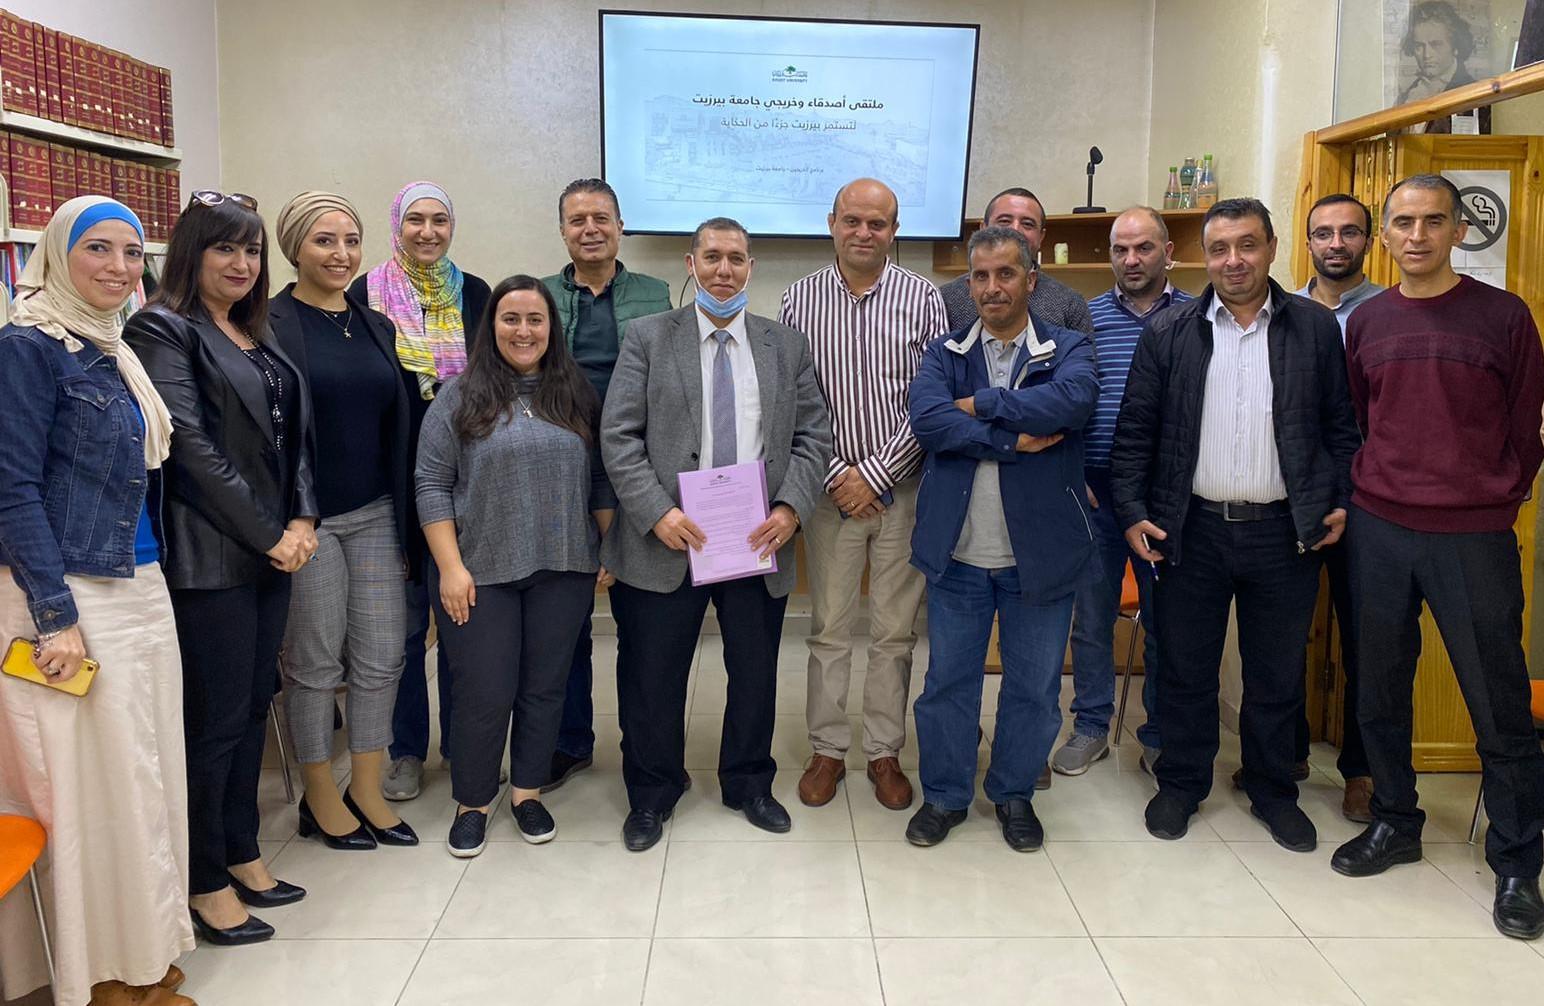 اللقاء التحضيري لإنشاء ملتقى الخريجين في محافظة الخليل